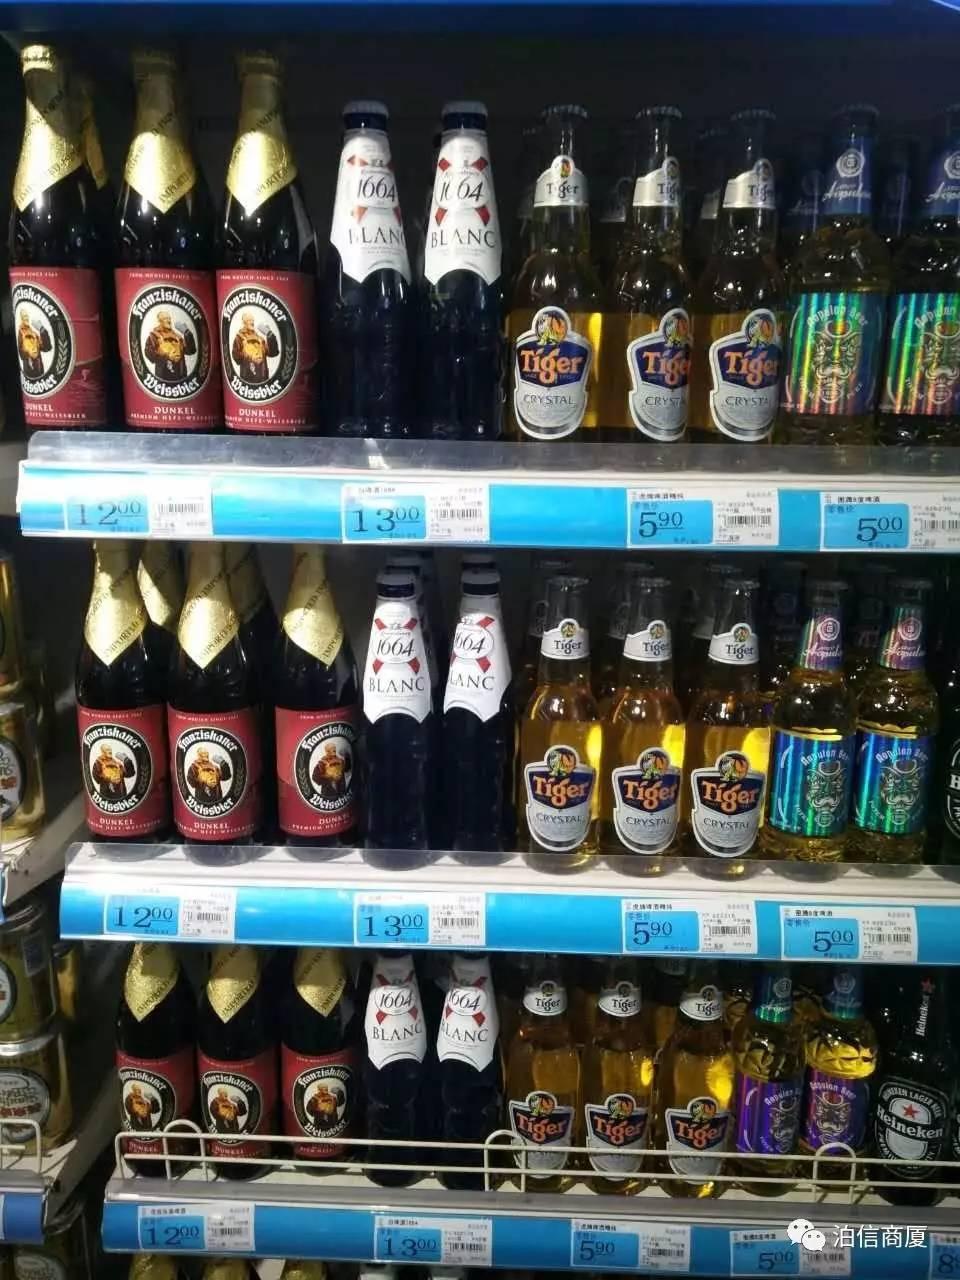 超市啤酒价格-雪花啤酒天然多少钱?-大麦丫-精酿啤酒连锁超市,工厂店平价酒吧免费加盟